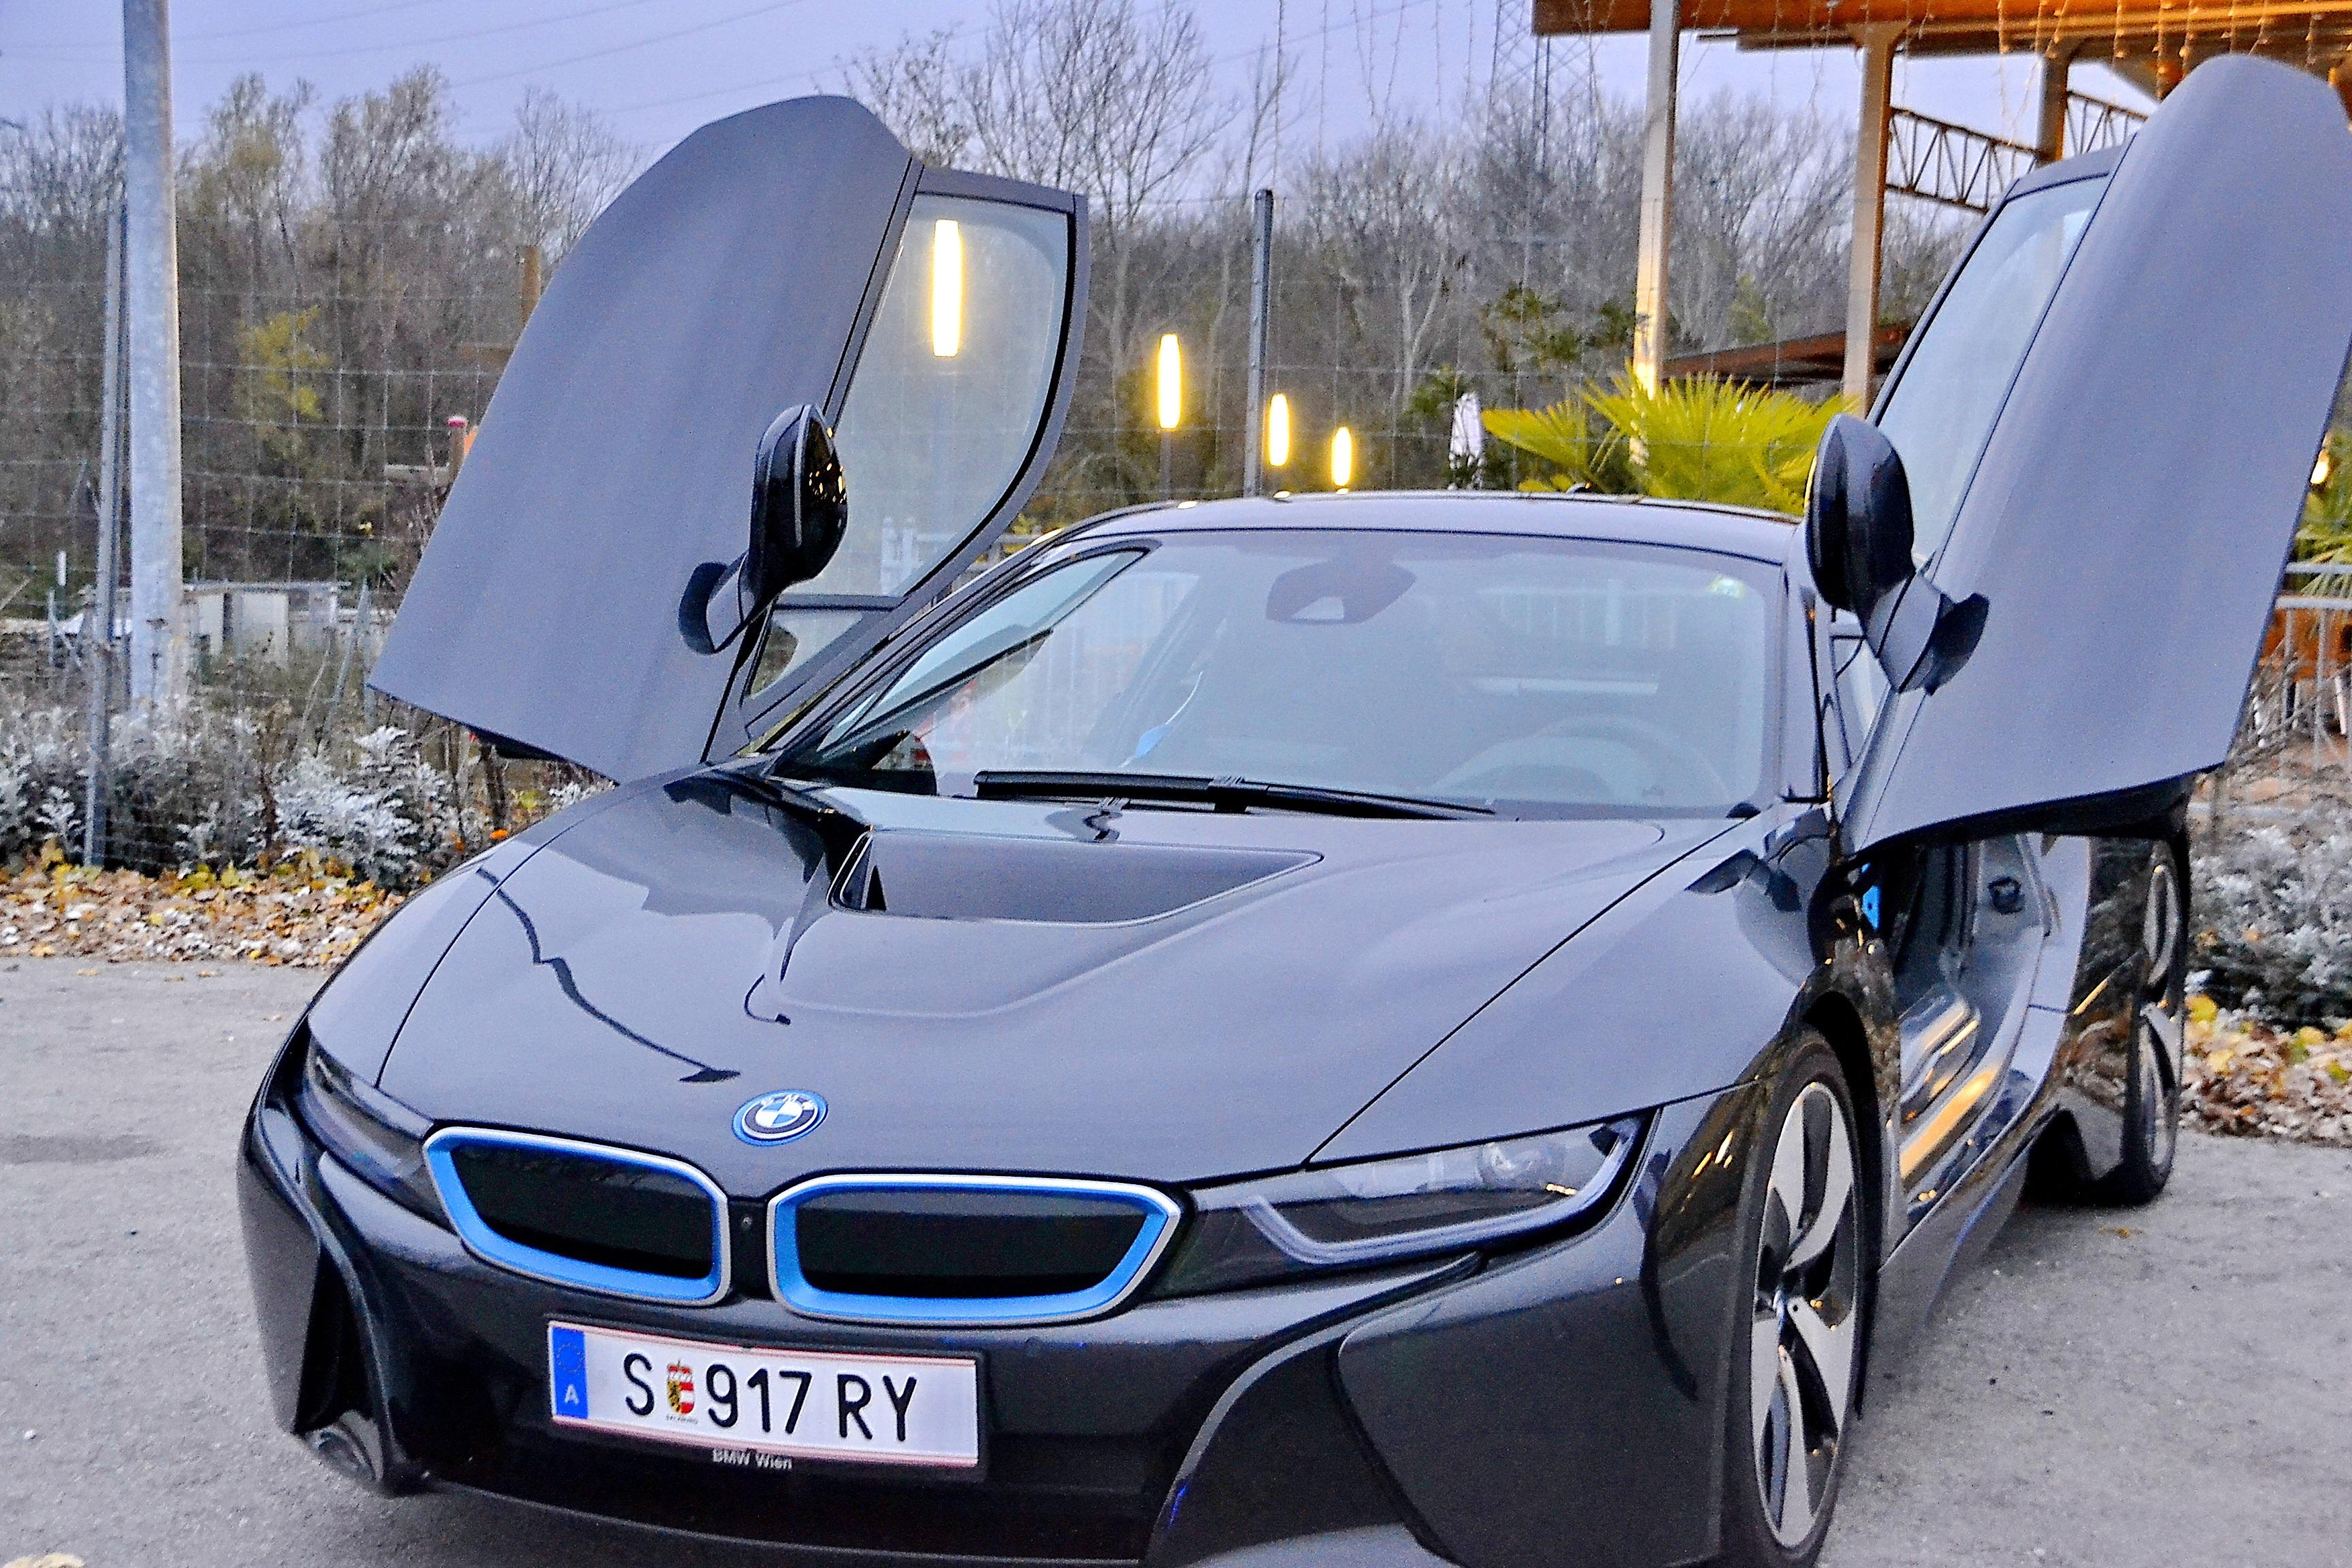 Super Images Gratuites : roue, véhicule, auto, voiture de sport, pare  IW83